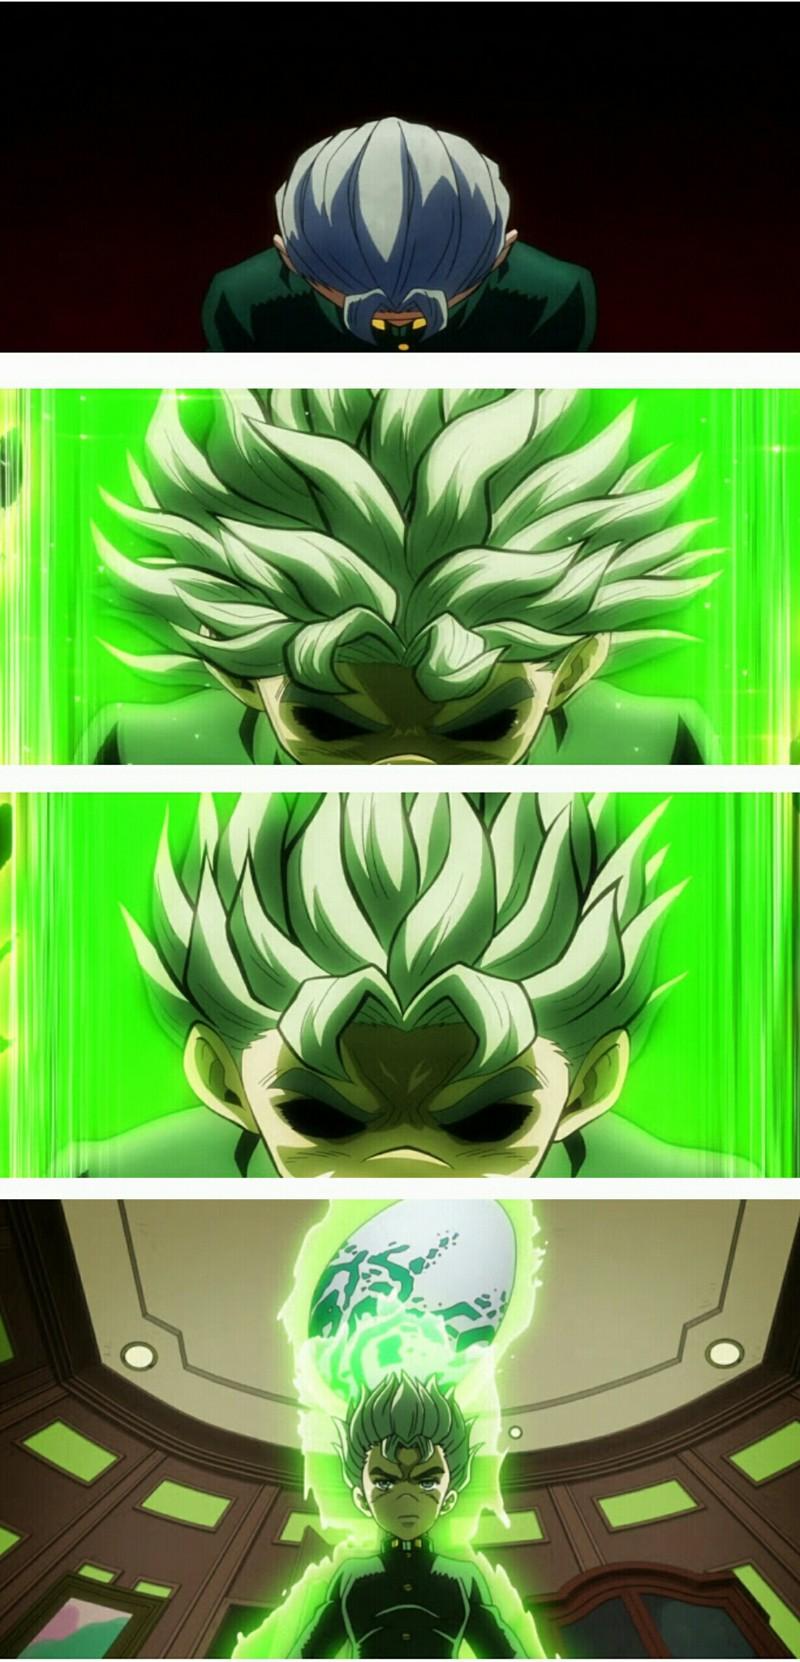 Koichi the Super Saiyan